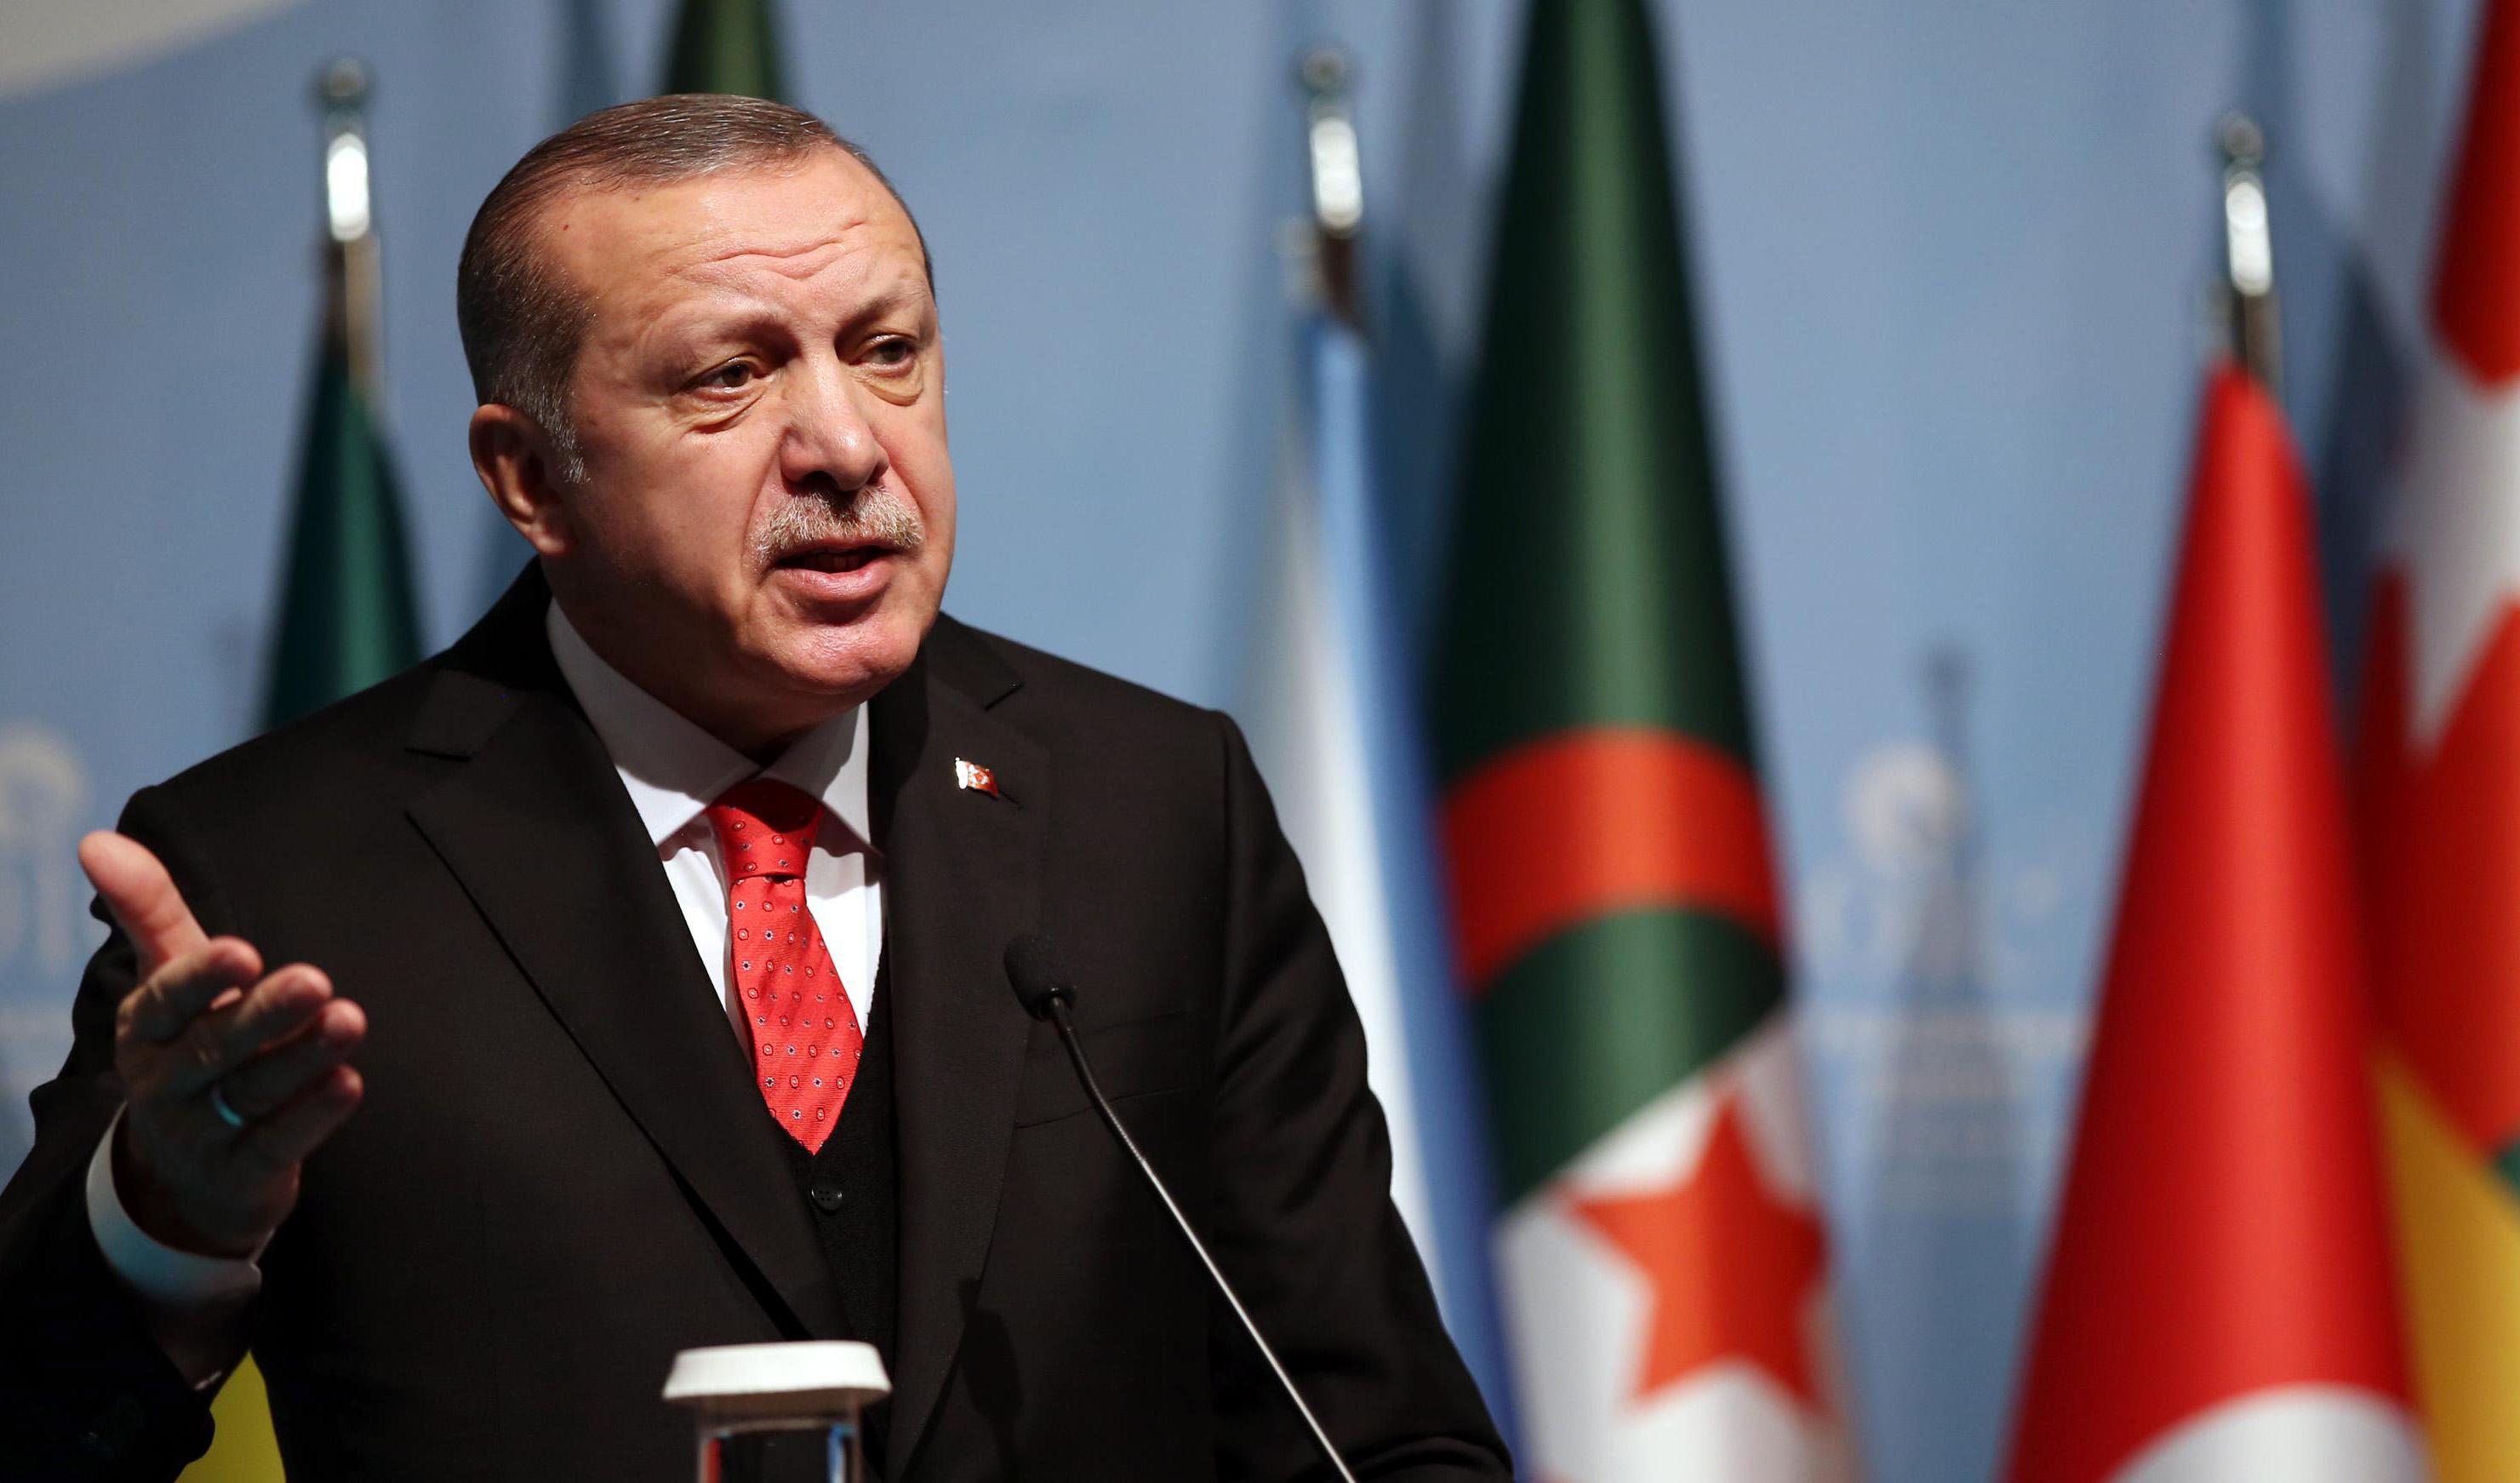 اردوغان: ترکیه امسال به صادرات 170 میلیارد دلاری دست مییابد